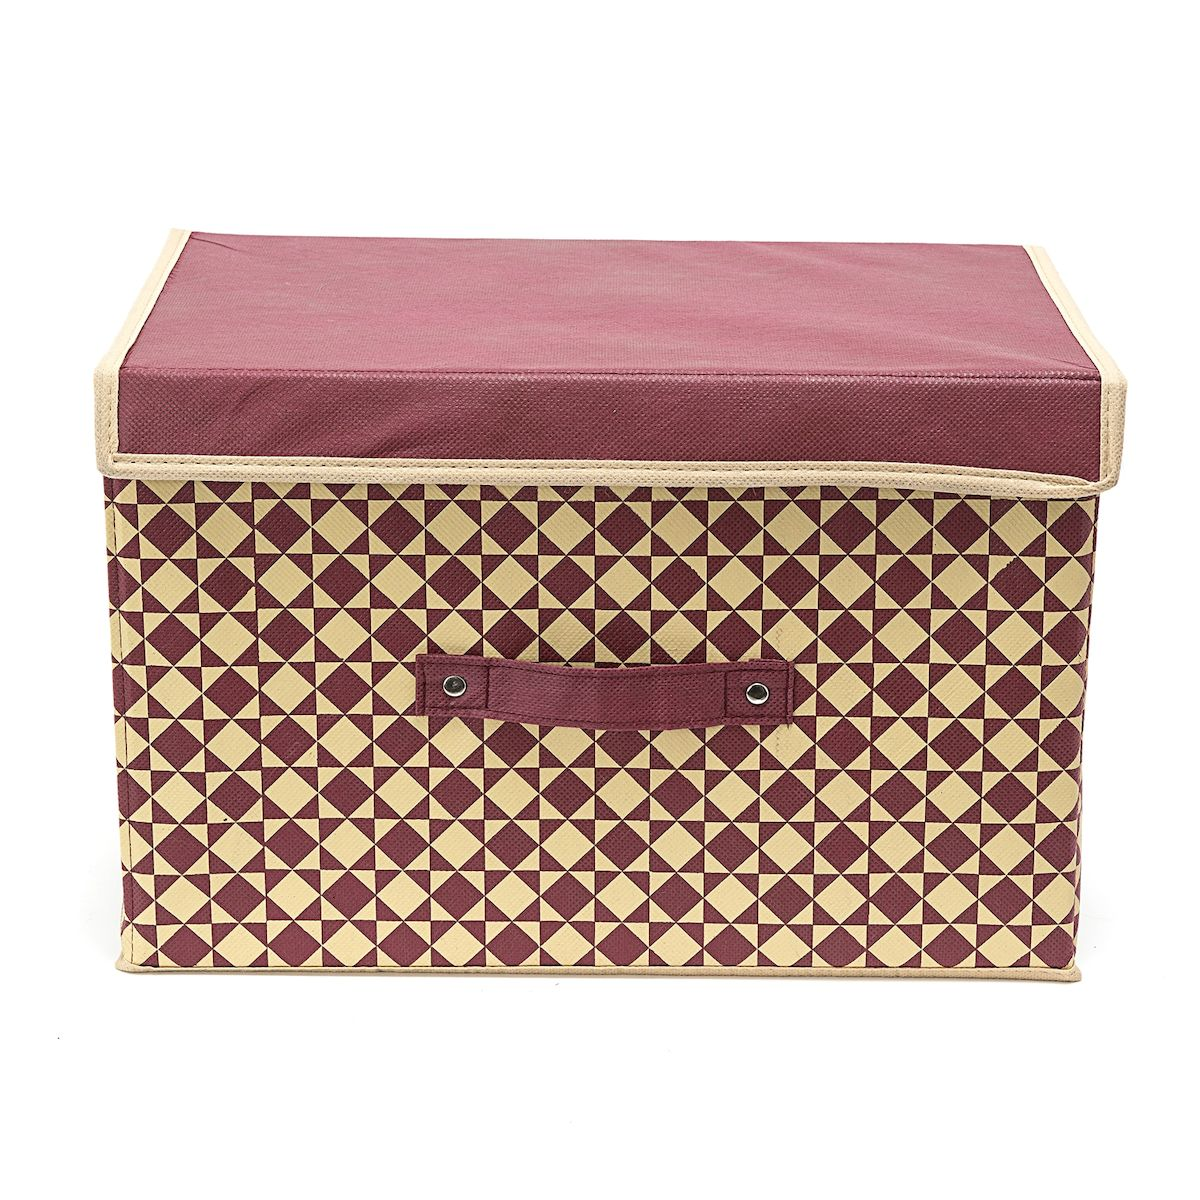 Коробка для хранения Homsu Bordo, 38 х 25 х 25 см28907 4Вместительная коробка для хранения Homsu Bordo выполнена из плотного картона. Изделие обладает удобным размером и привлекательным дизайном, выполненным в приятной цветовой гамме. Внутри коробки можно хранить фотографии, ткани, принадлежности для хобби, памятные сувениры и многое другое. Крышка изделия удобно открывается и закрывается.Коробка для хранения Homsu Bordo станет незаменимой помощницей в путешествиях.